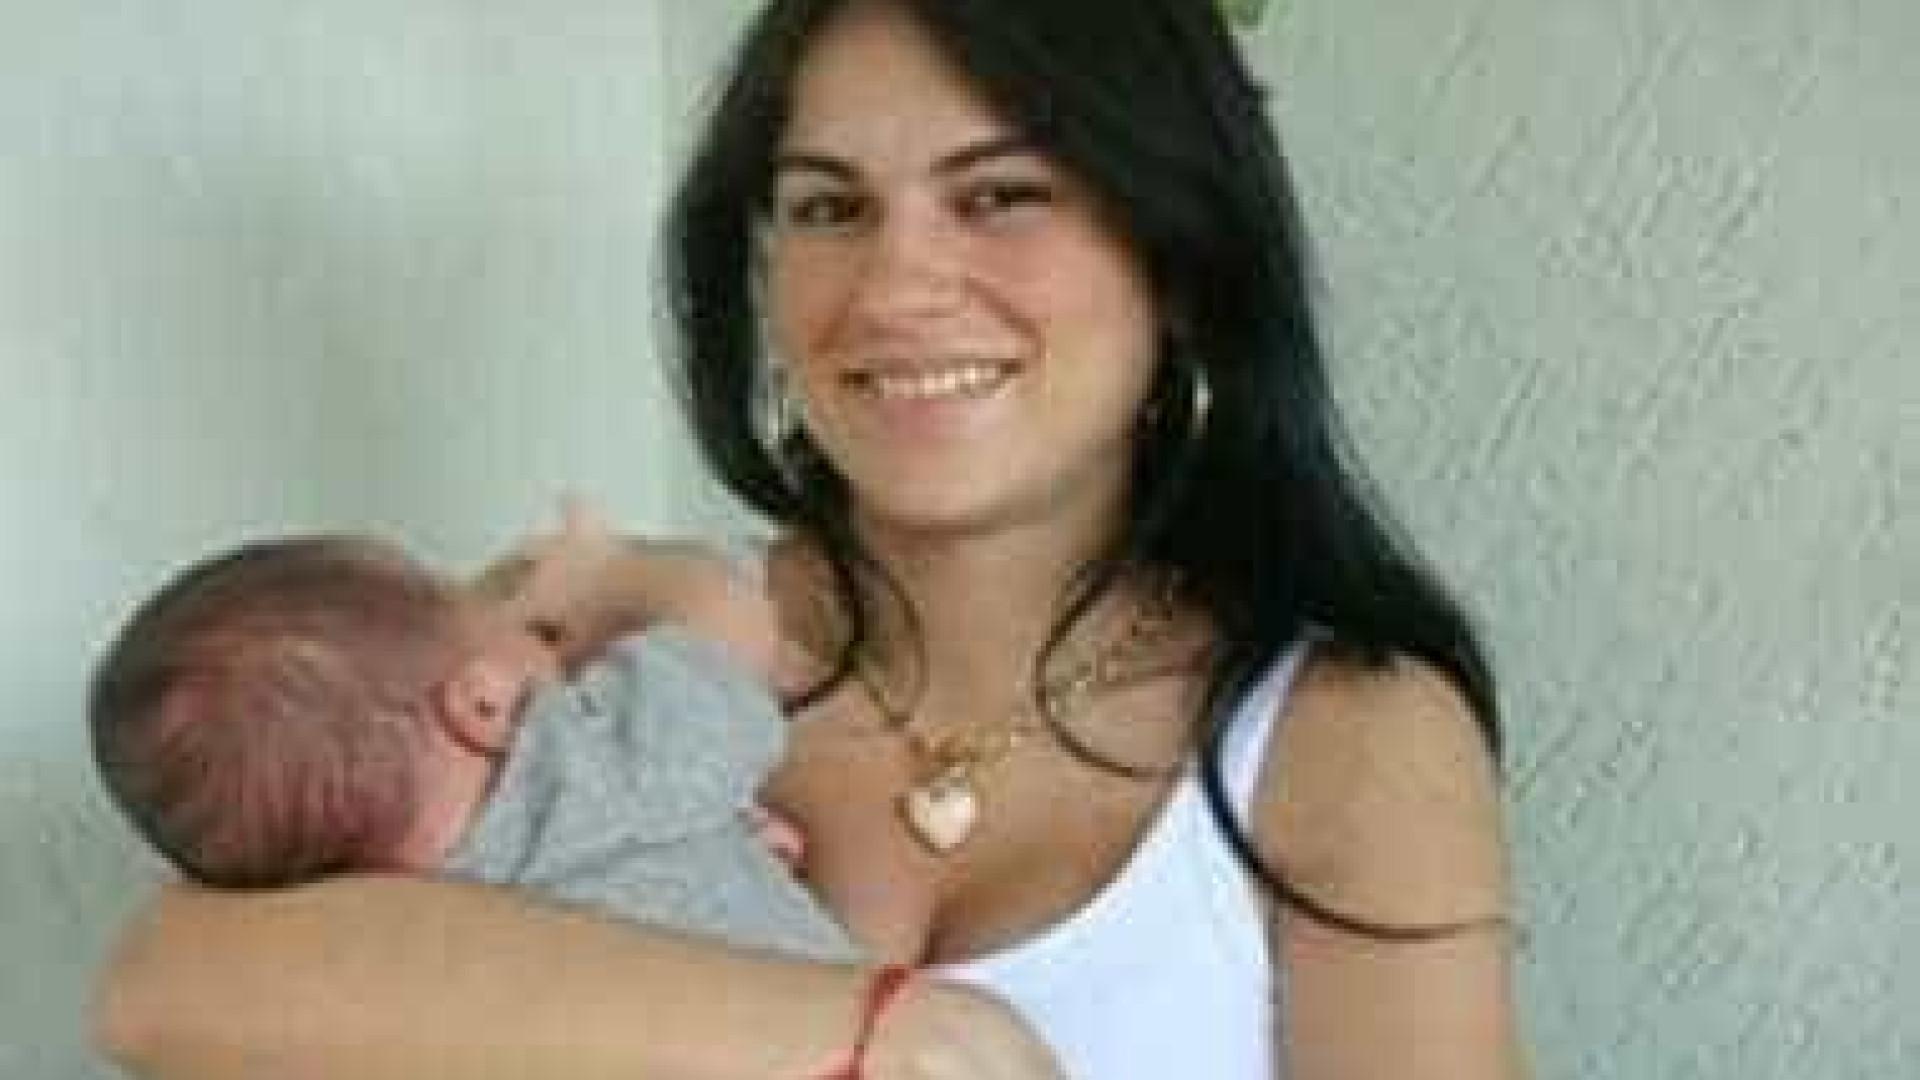 Justiça julga anulação da certidão de óbito de Eliza Samudio